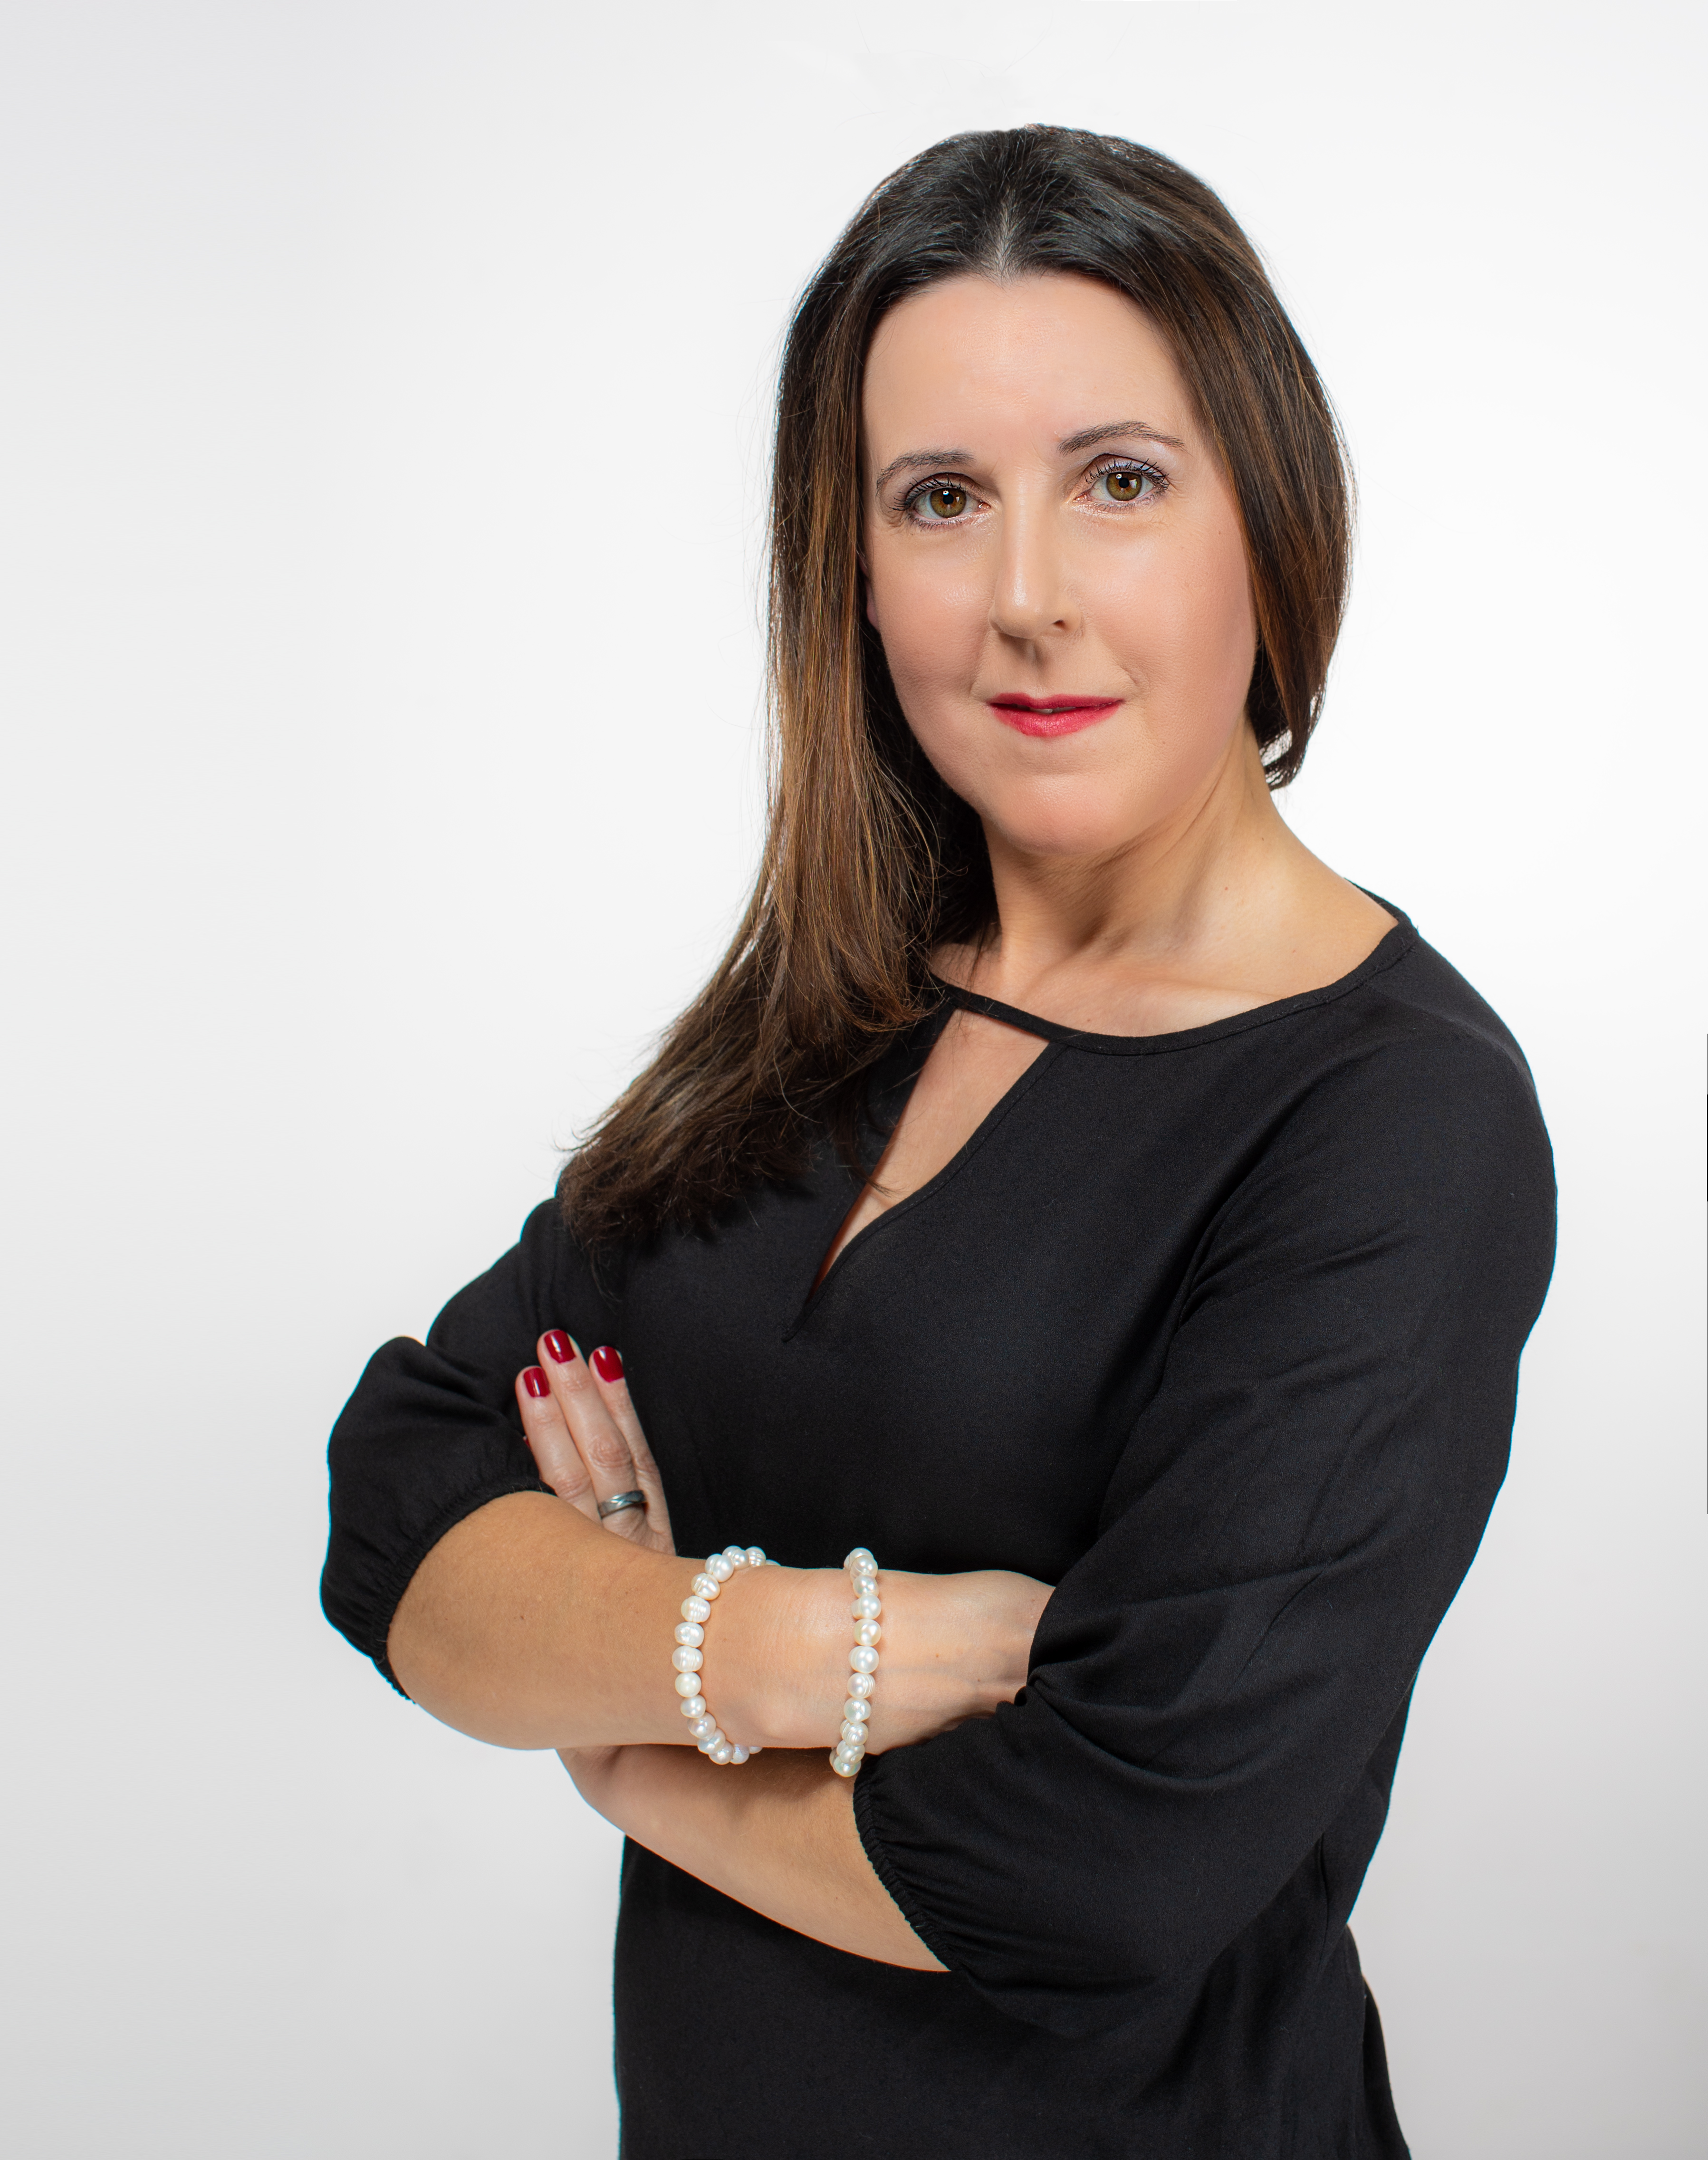 Mª del Carmen Fernández Quintairos, coach AICM